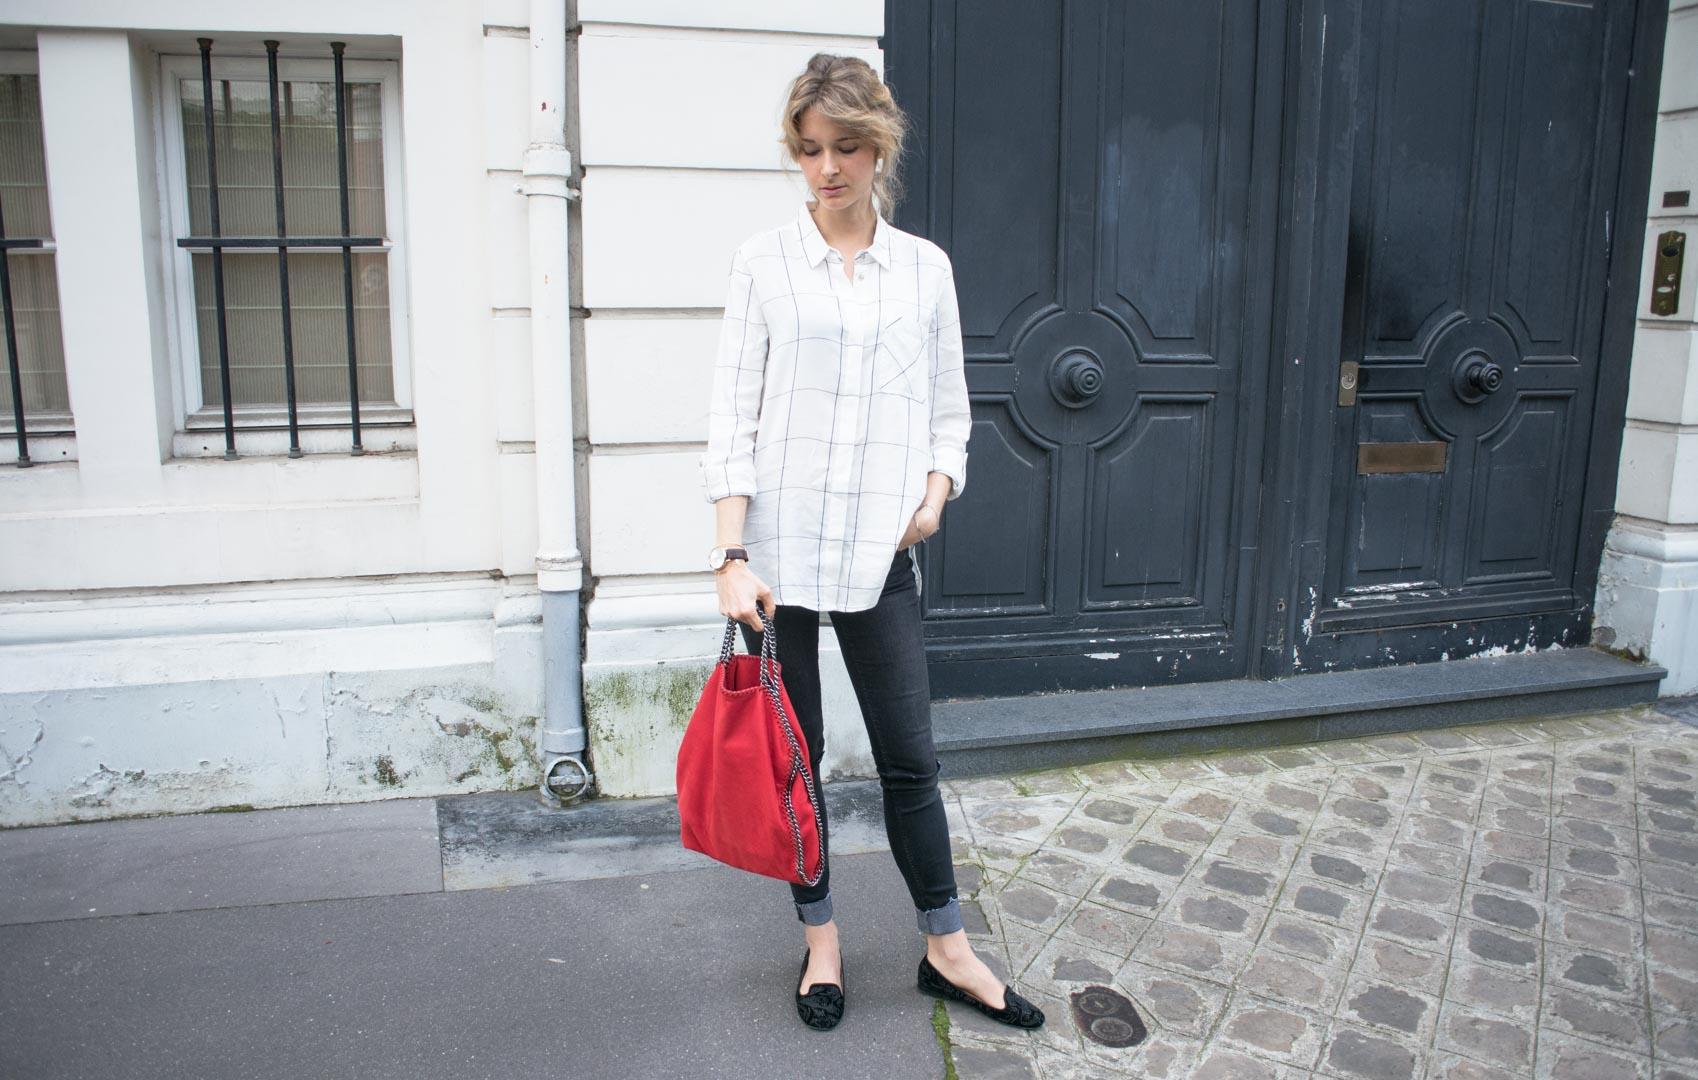 4-spoj-na-udobnost-i-elegancija-vo-ovaa-sezona-izgledajte-kako-moderna-francuzinka-www.kafepauza.mk_